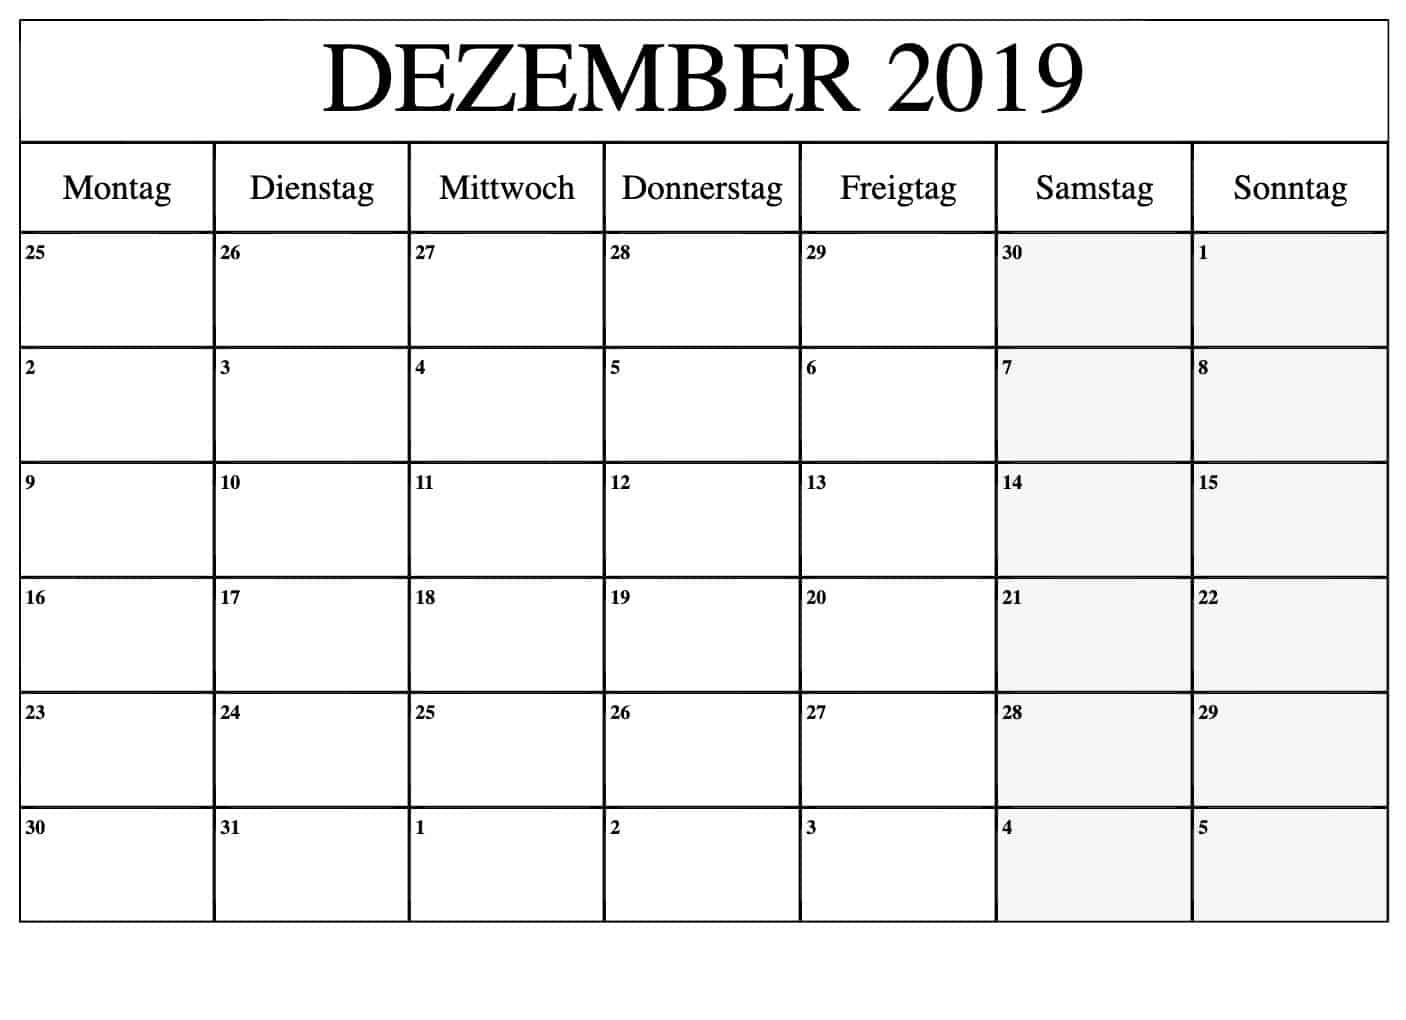 Stile Kalender Dezember 2019